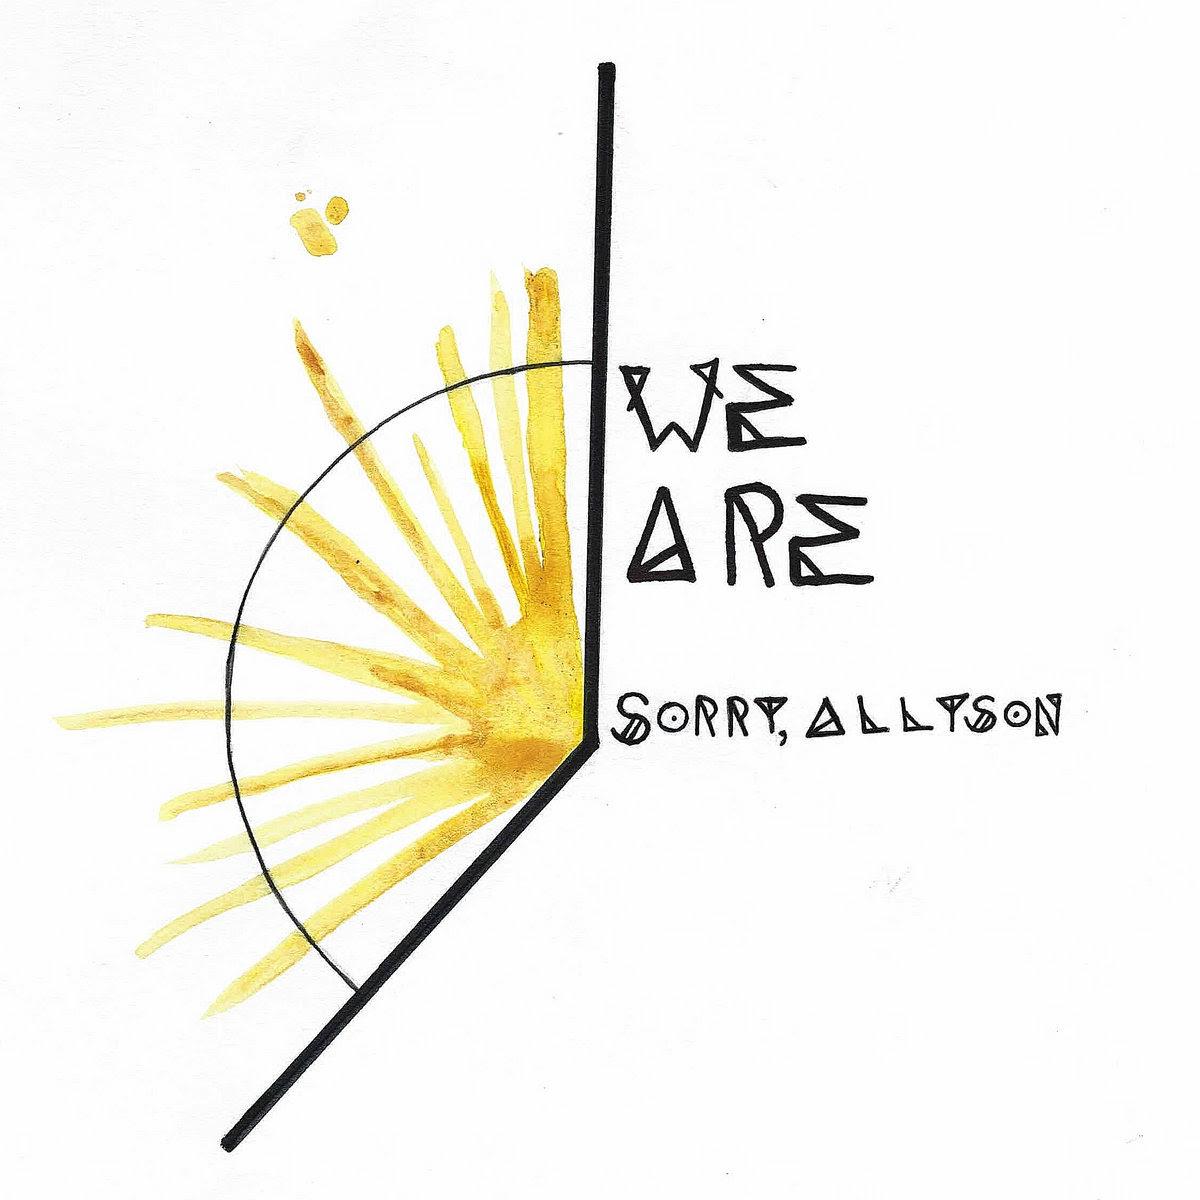 www.facebook.com/sorryallyson